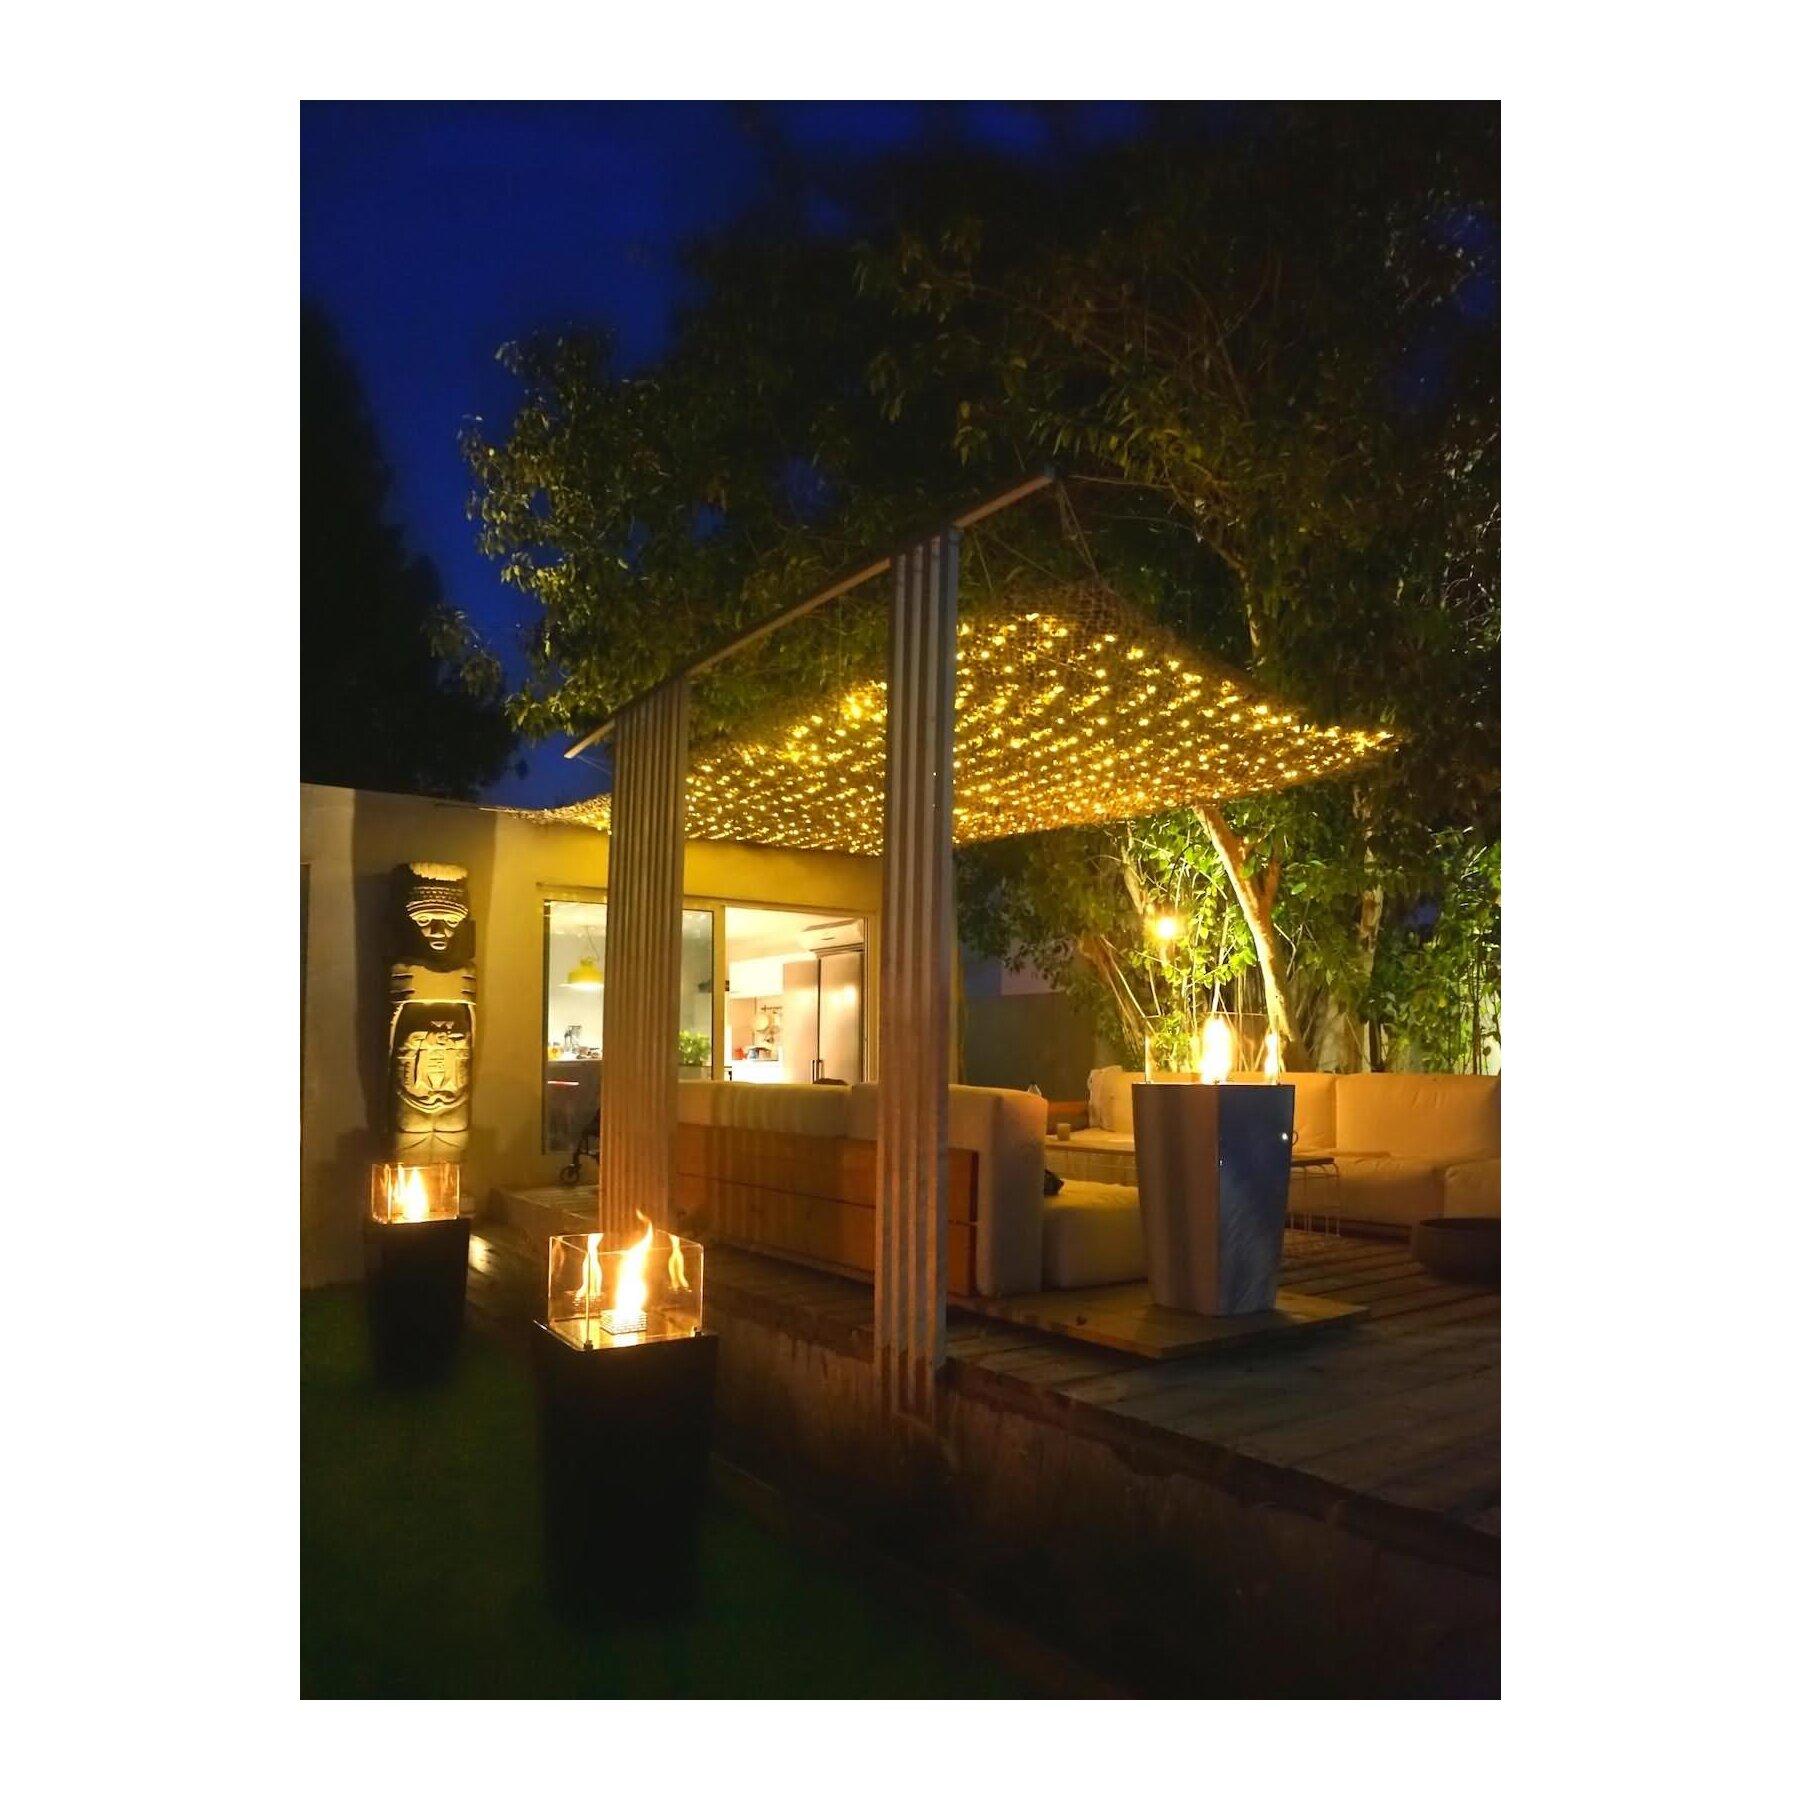 Image [ 13 of 52 ] - Feuerstelle Gelkamin Terrasse Garten Bio ...